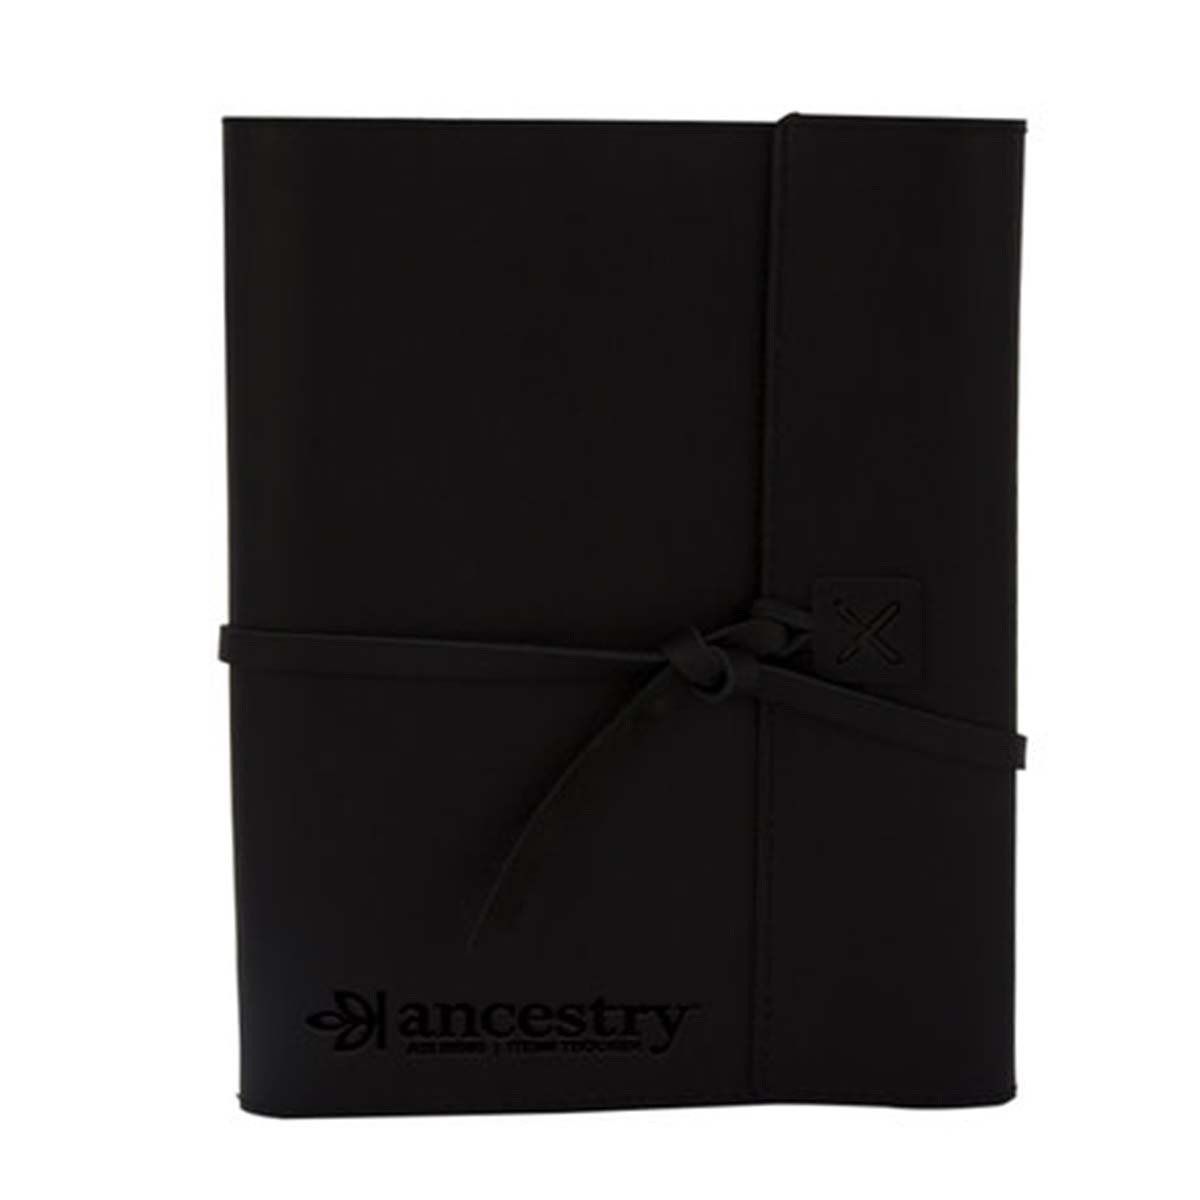 Snugz compositionbook black